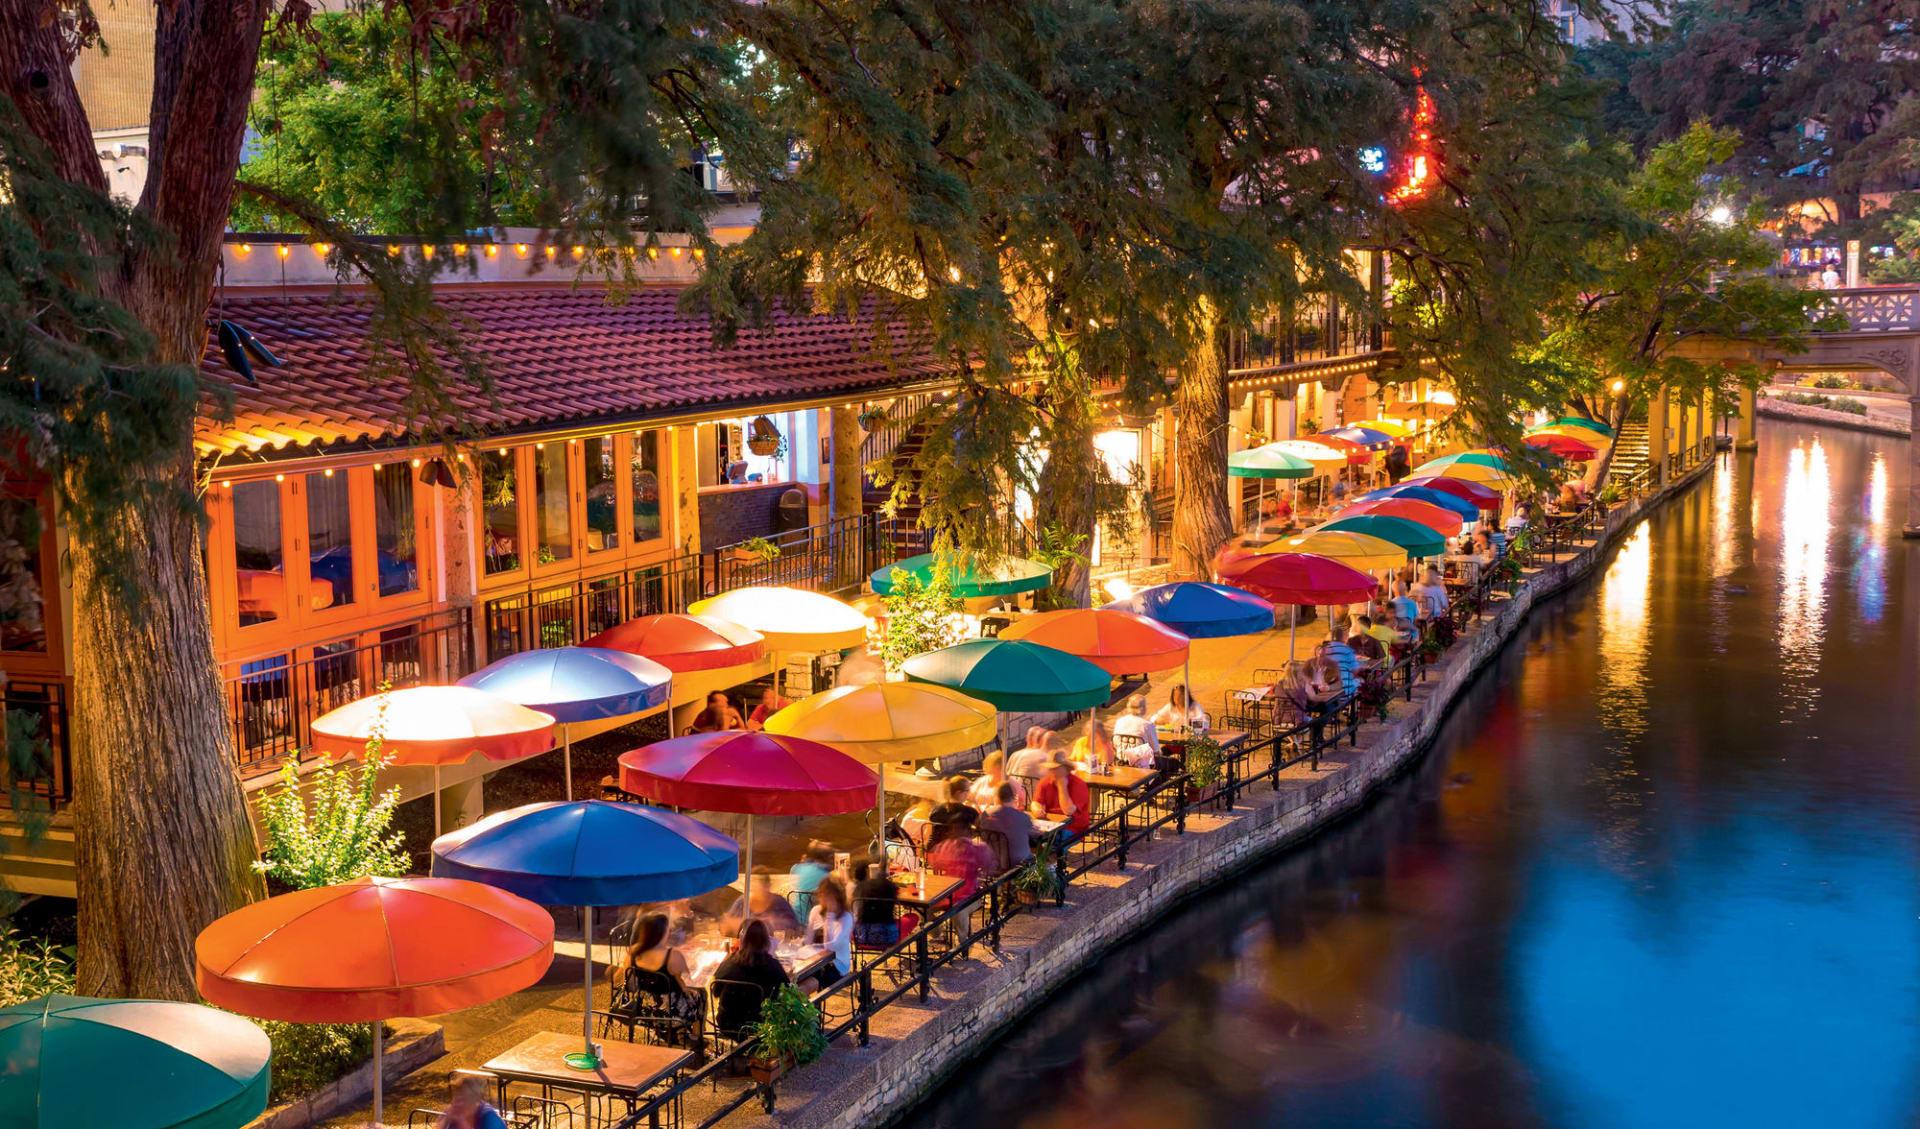 Texas and beyond ab Houston: USA - Texas - San Antonio Riverwalk